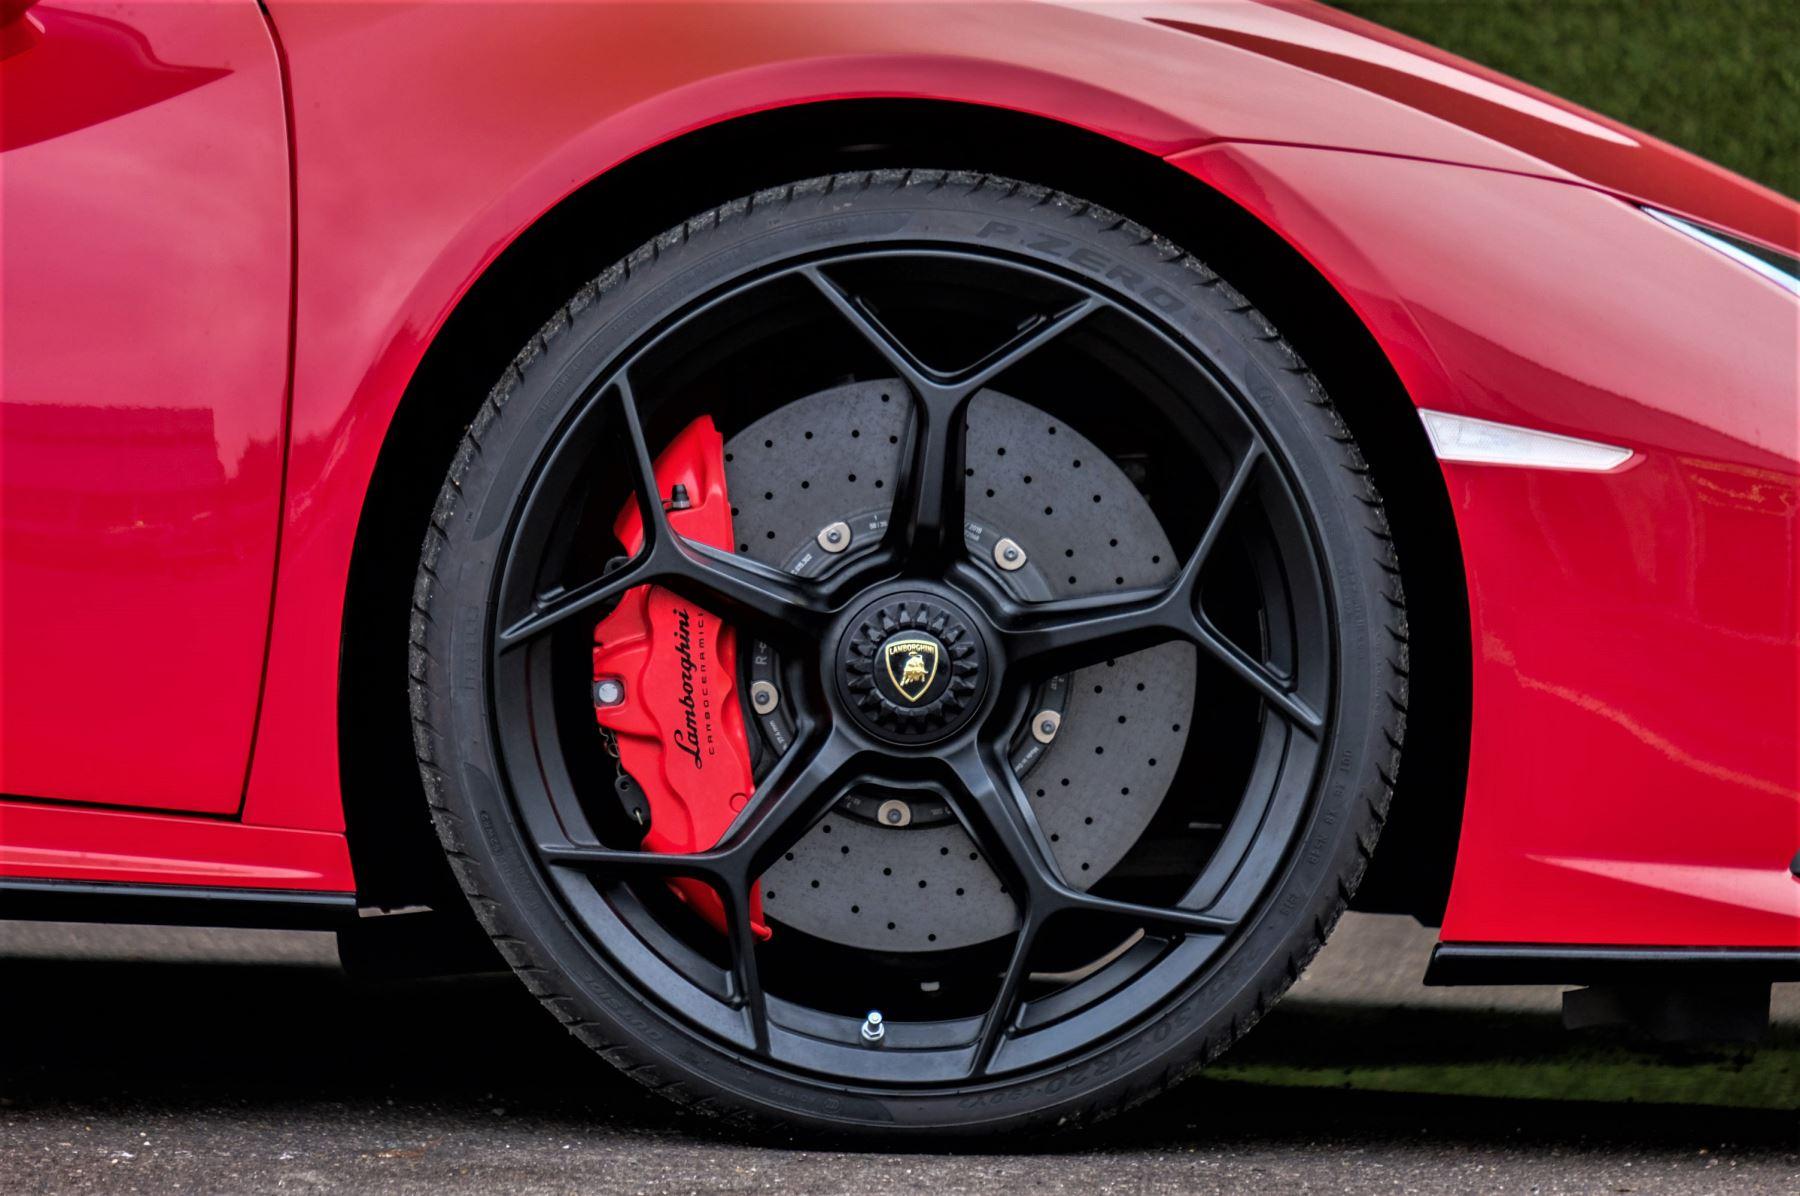 Lamborghini Huracan 5.2 V10 640 2dr Auto AWD image 9